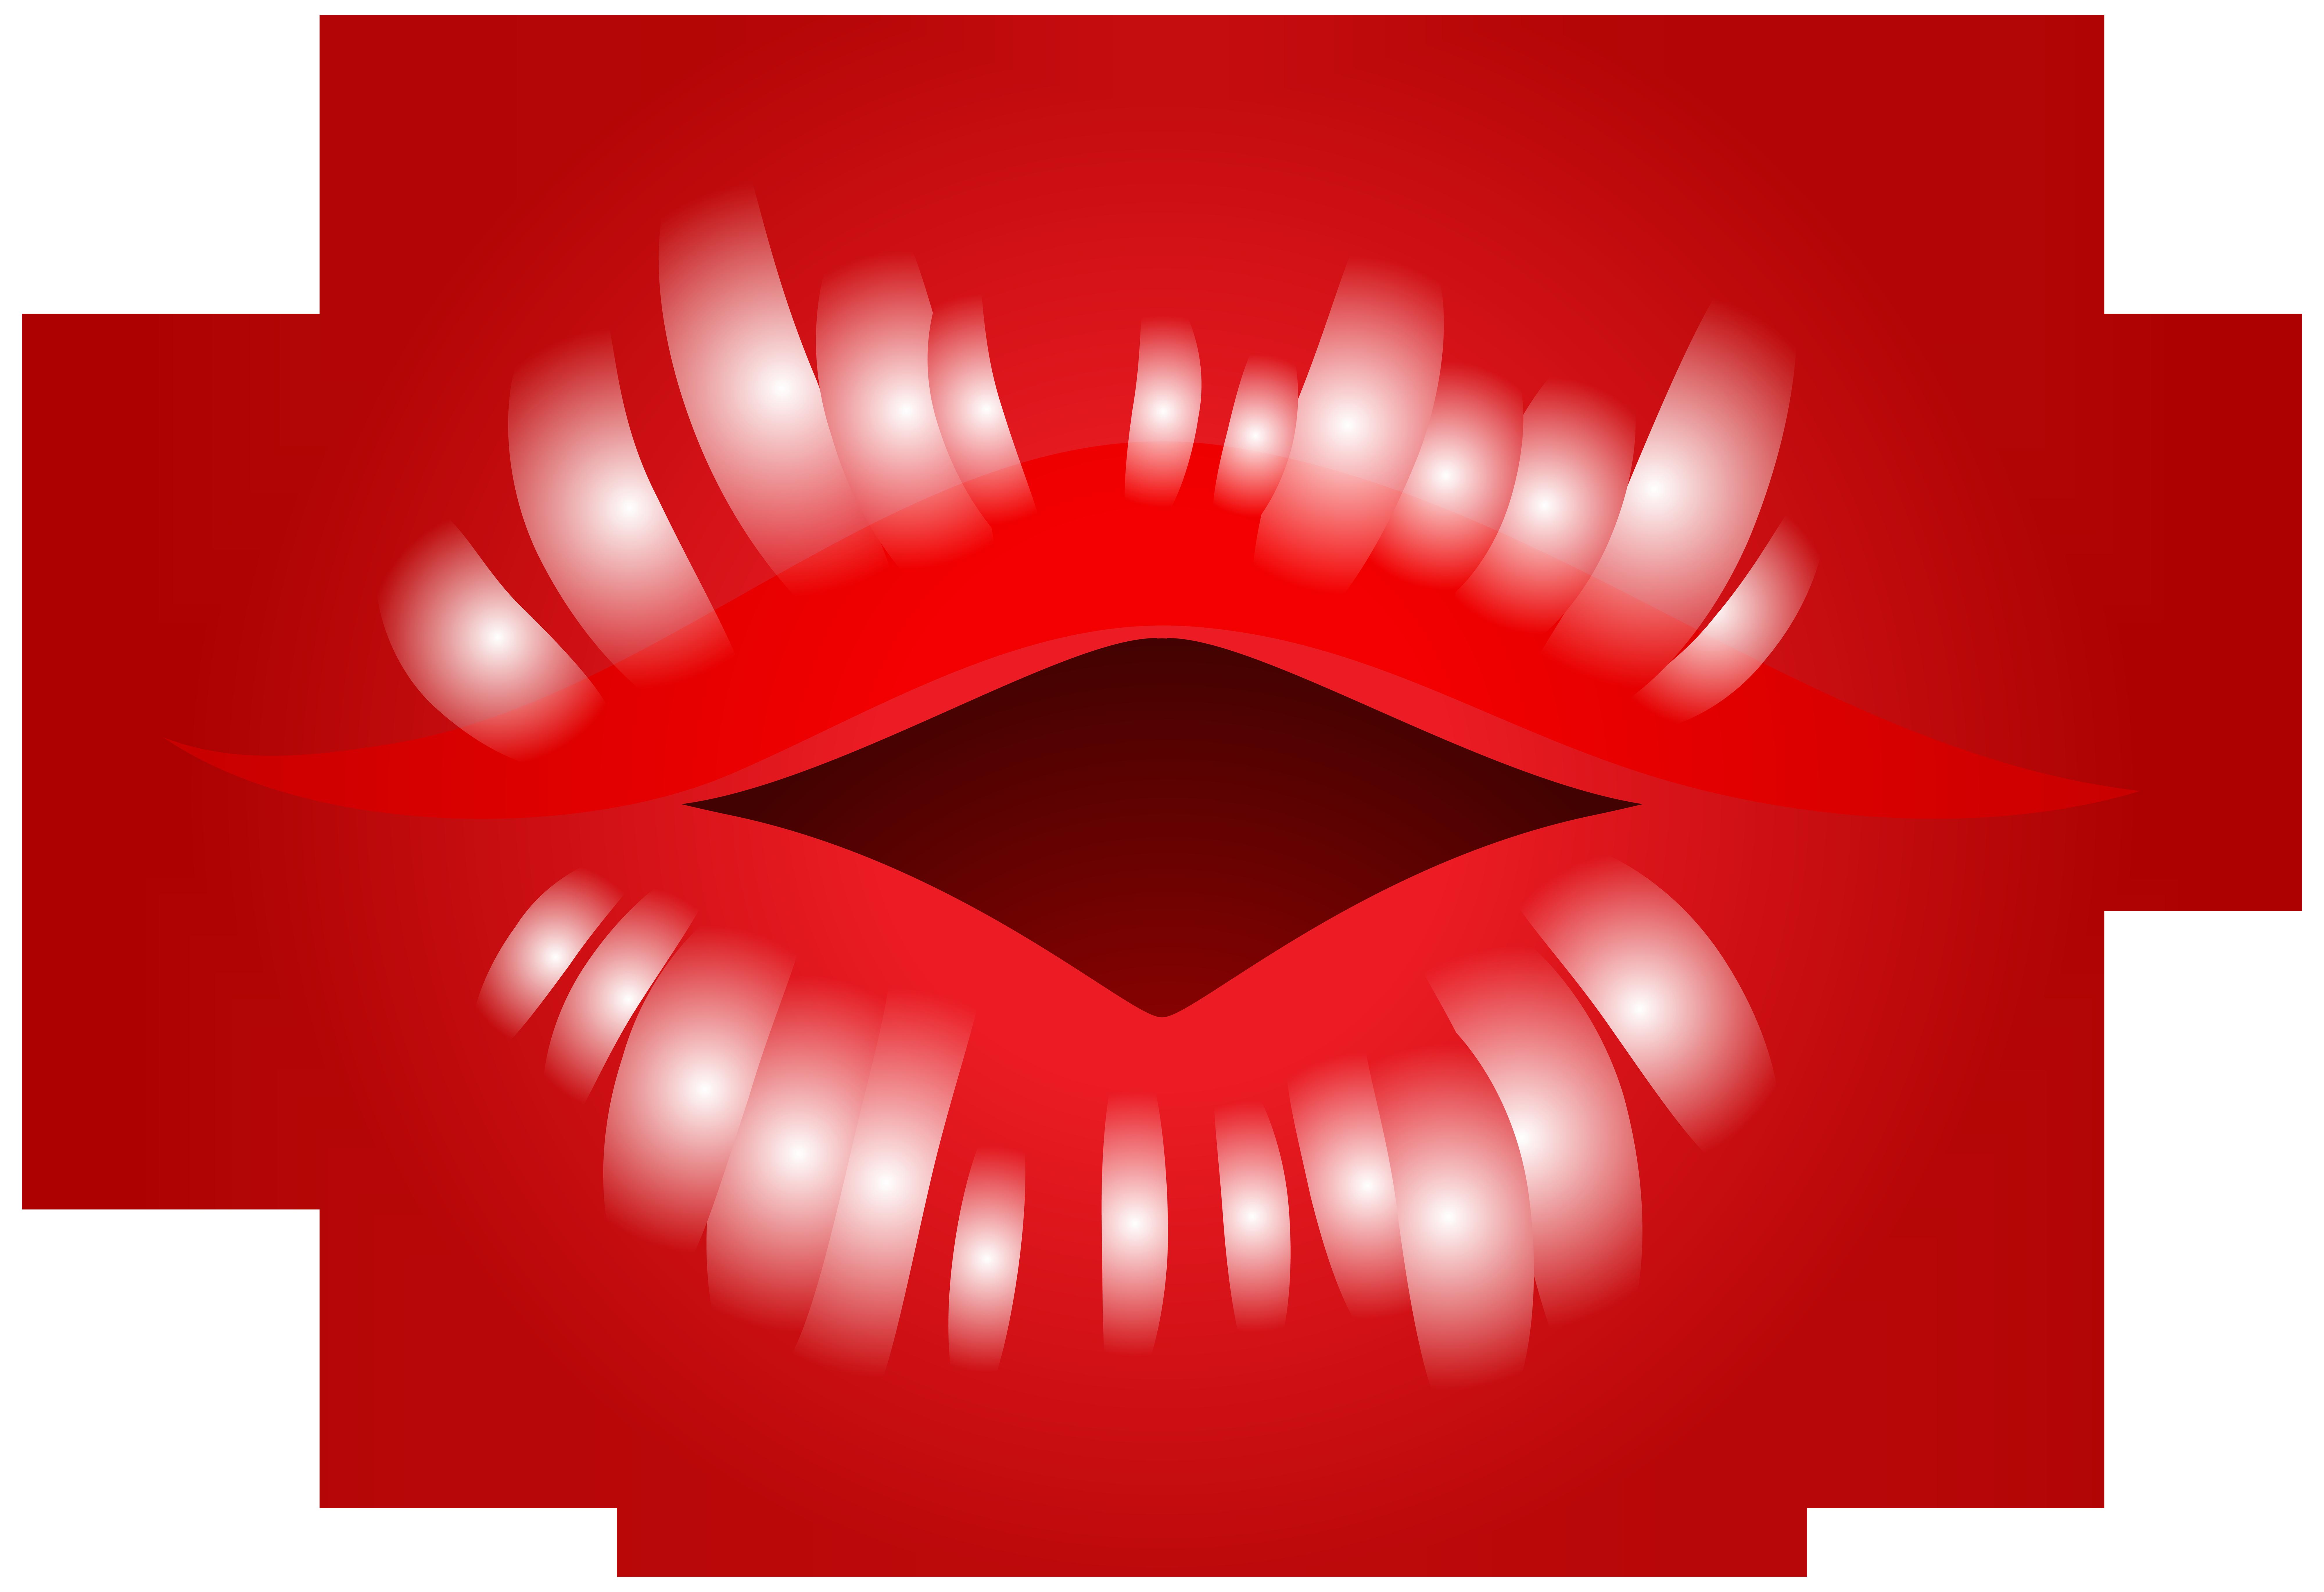 8000x5481 Lips Clipart Kiss